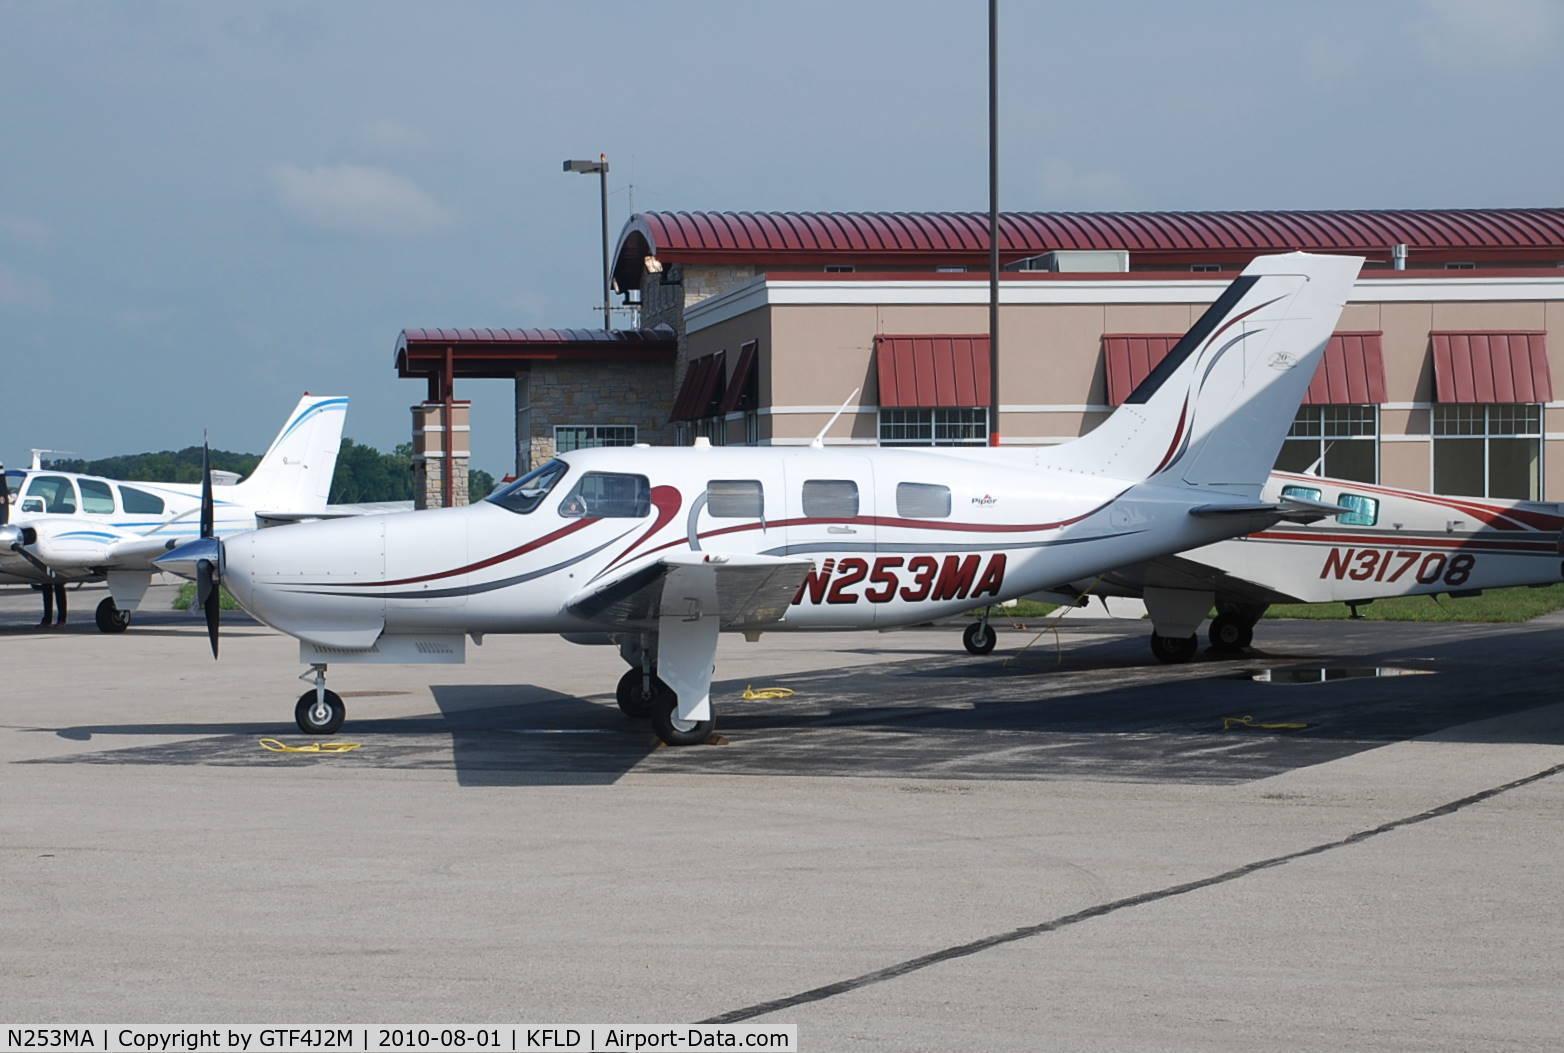 N253MA, 2004 Piper PA-46-350P Malibu Mirage C/N 4636353, N253MA  at Fon du Lac 1.8.10